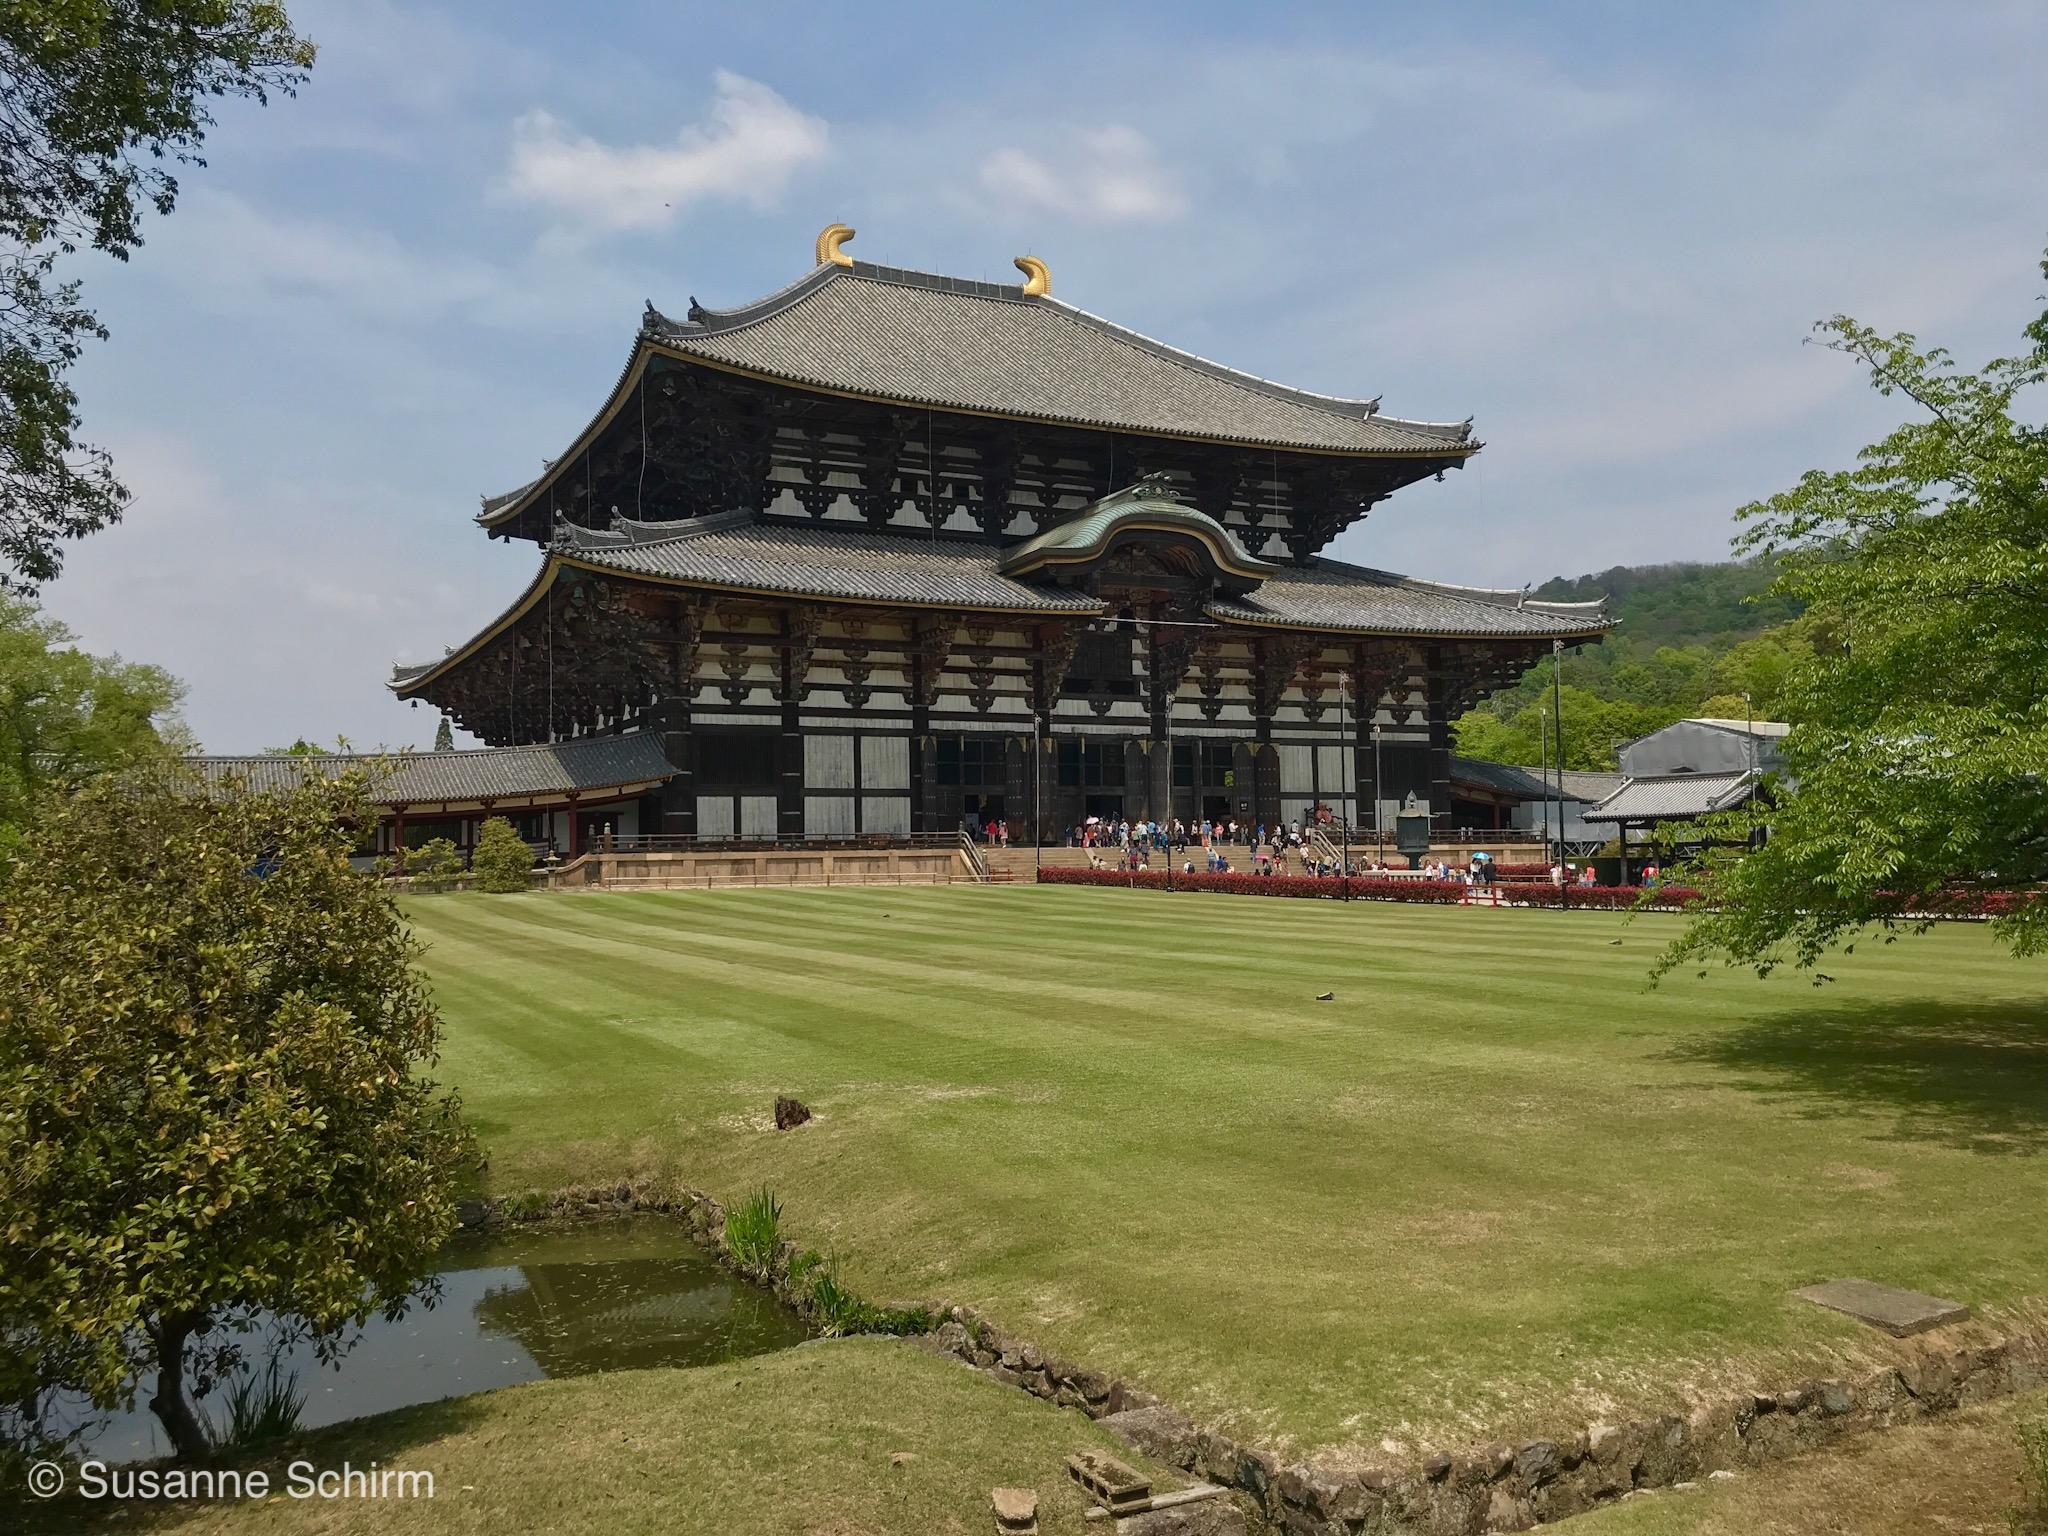 Bild vom Todai-ji Tempel